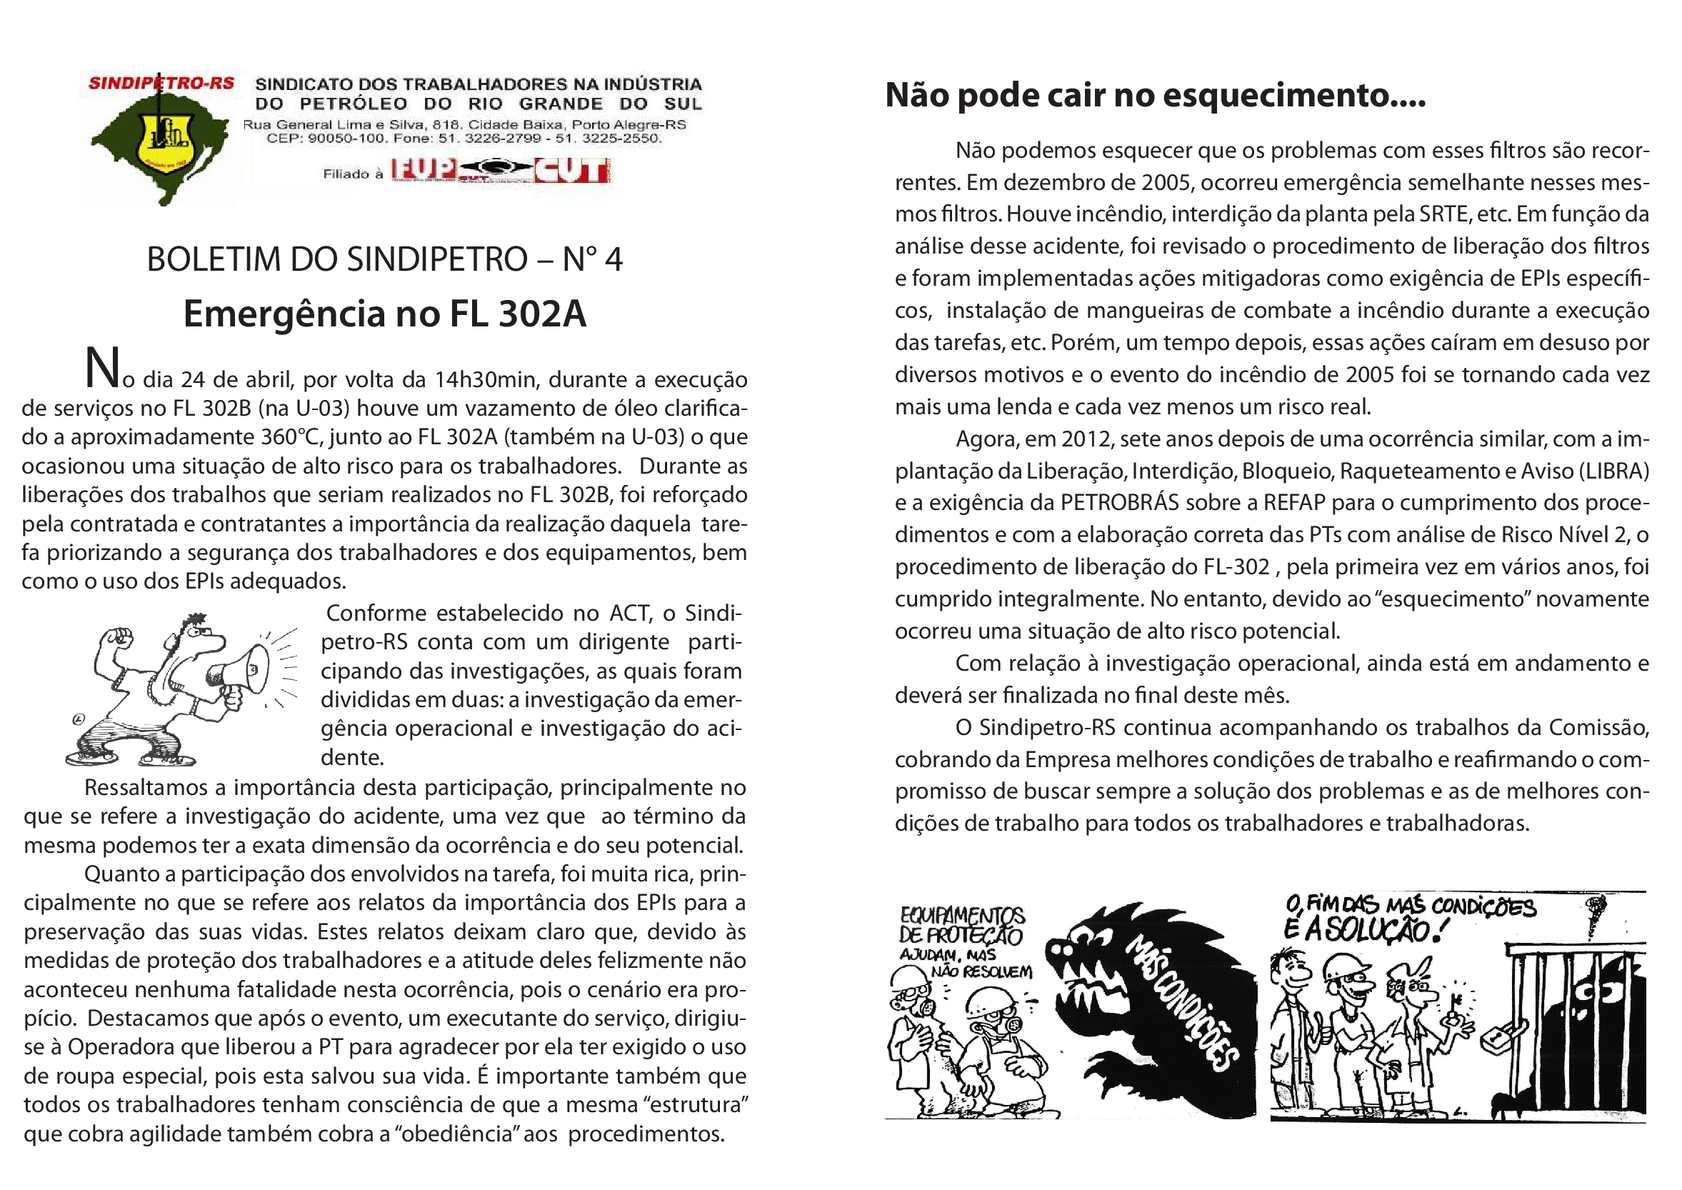 Calaméo - BOLETIM DO SINDIPETRO – N°4 - Emergência no FL 302A 5b2953048f